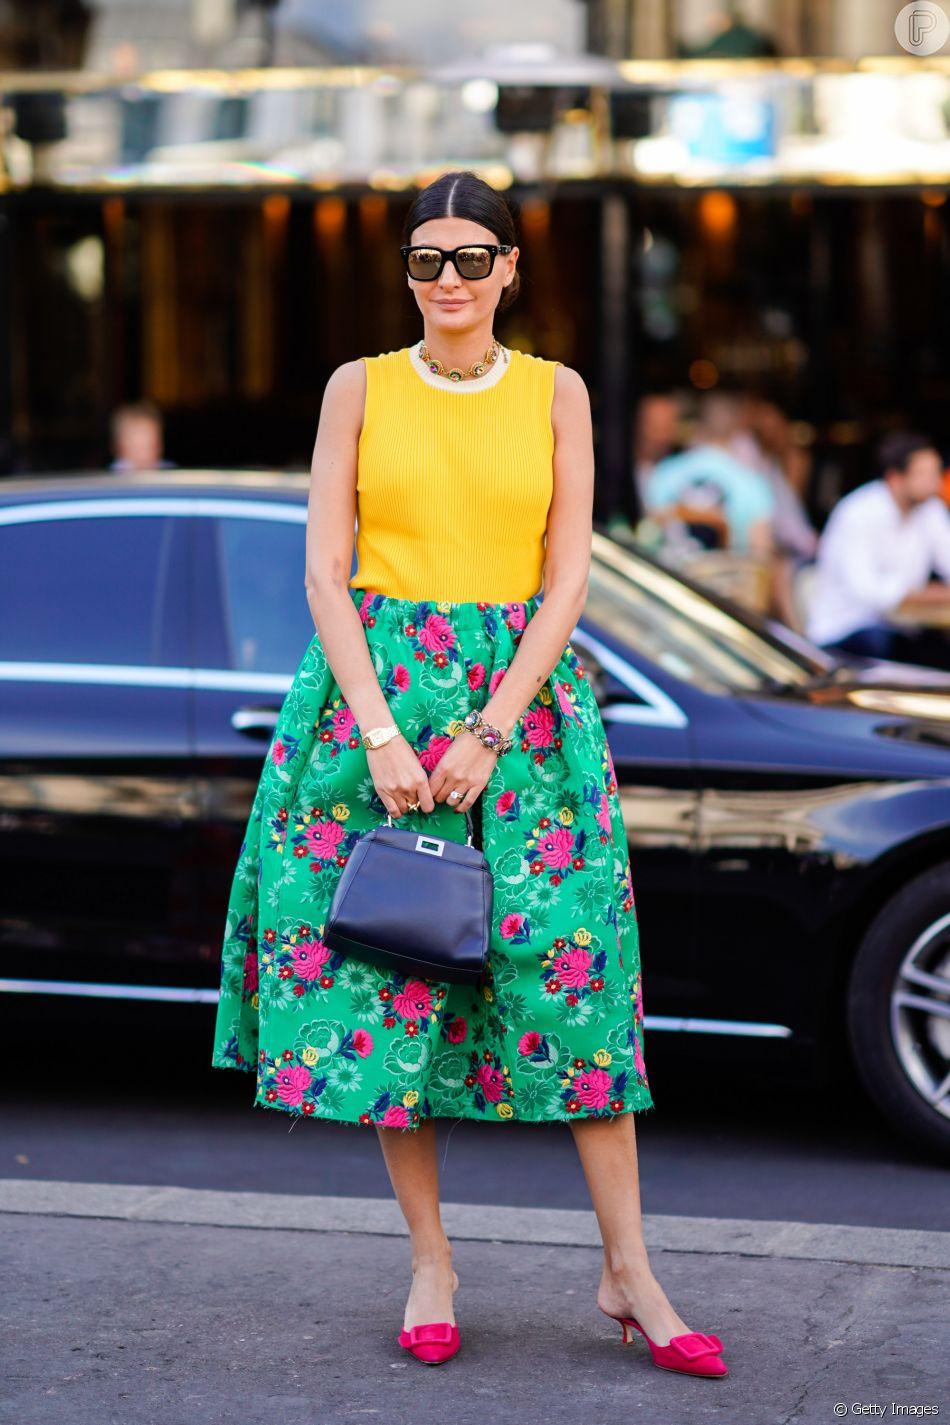 8f78a73d68eb7 Moda de verão  looks e tendências da estação pra você se inspirar ...